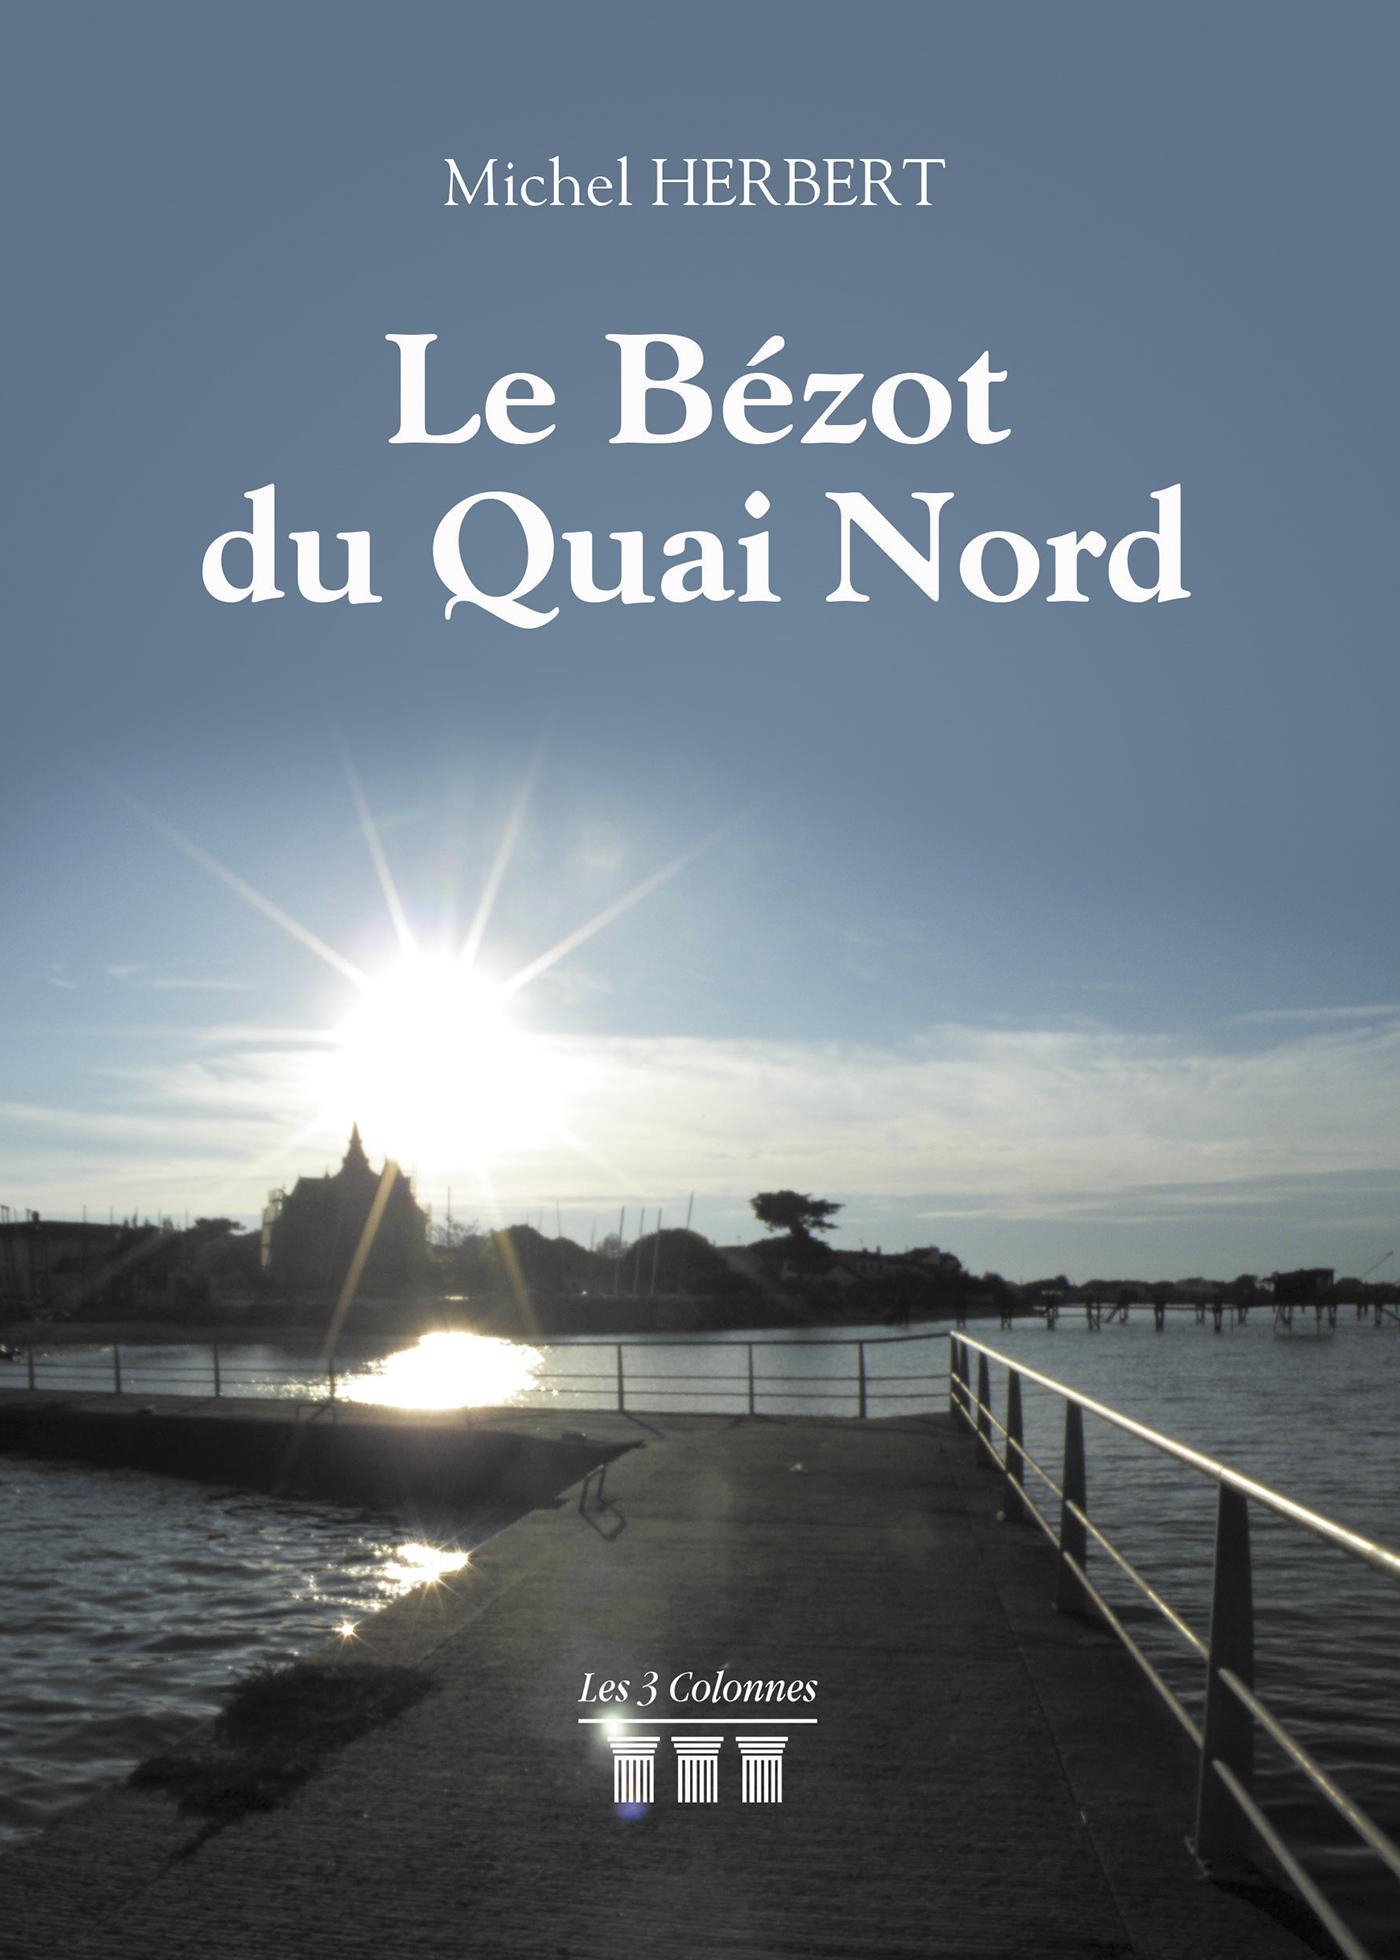 Le Bézot du Quai Nord